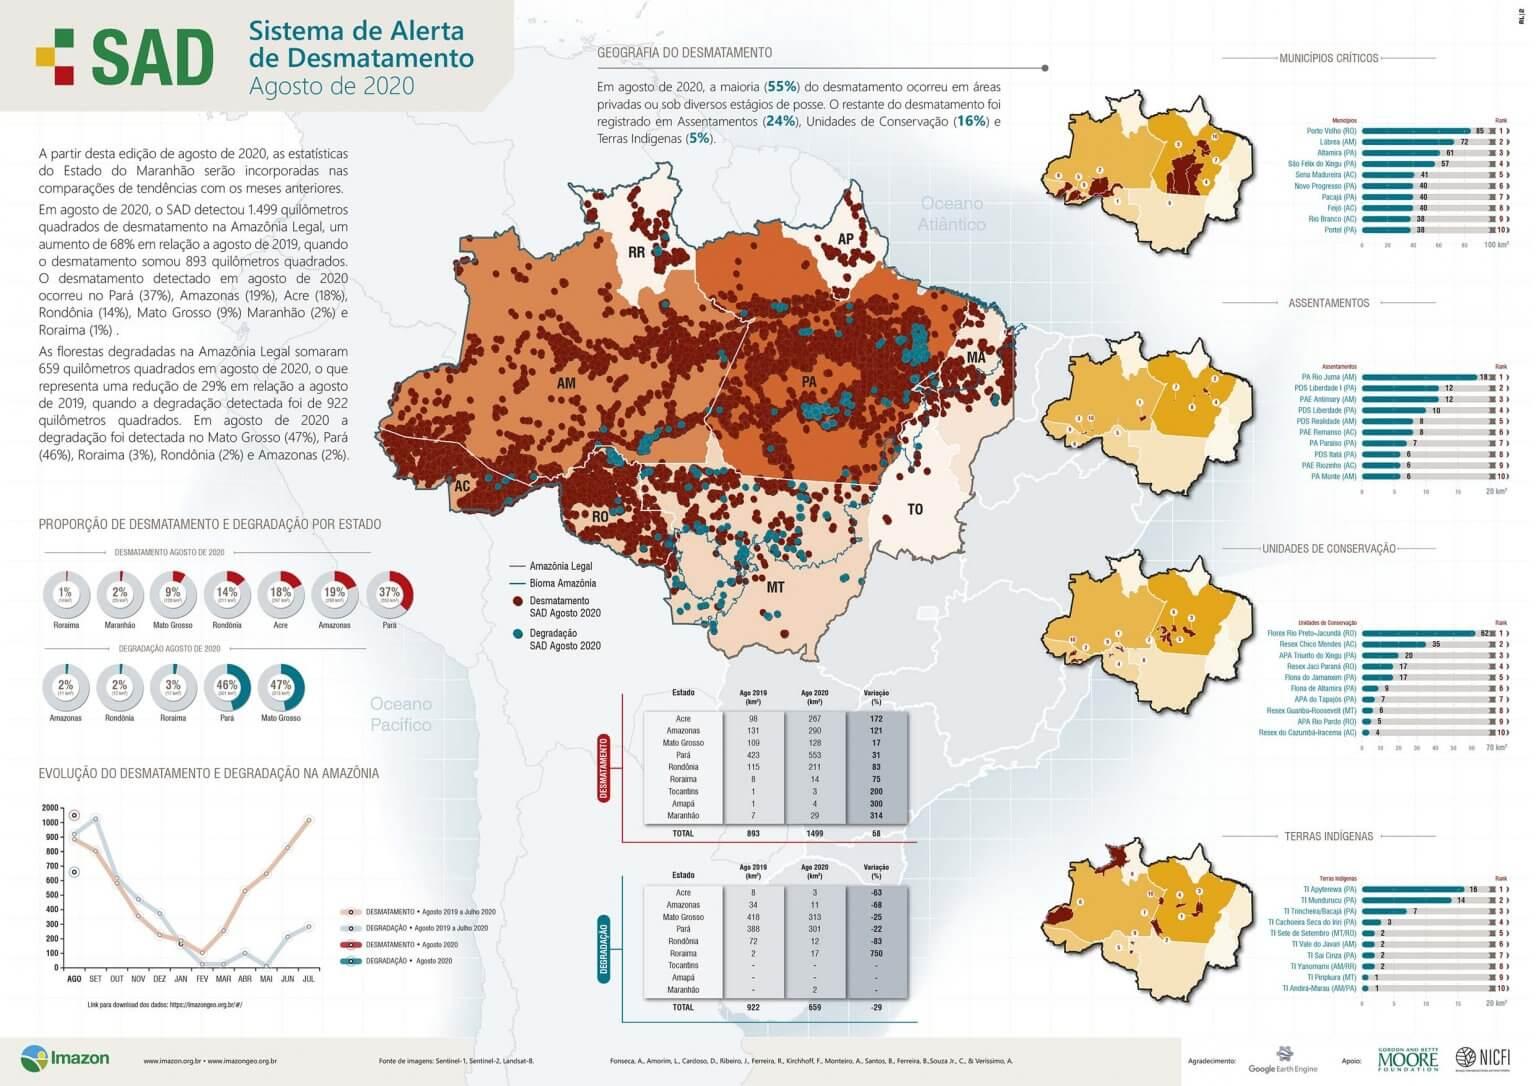 desmatamento da Amazônia em agosto de 2020